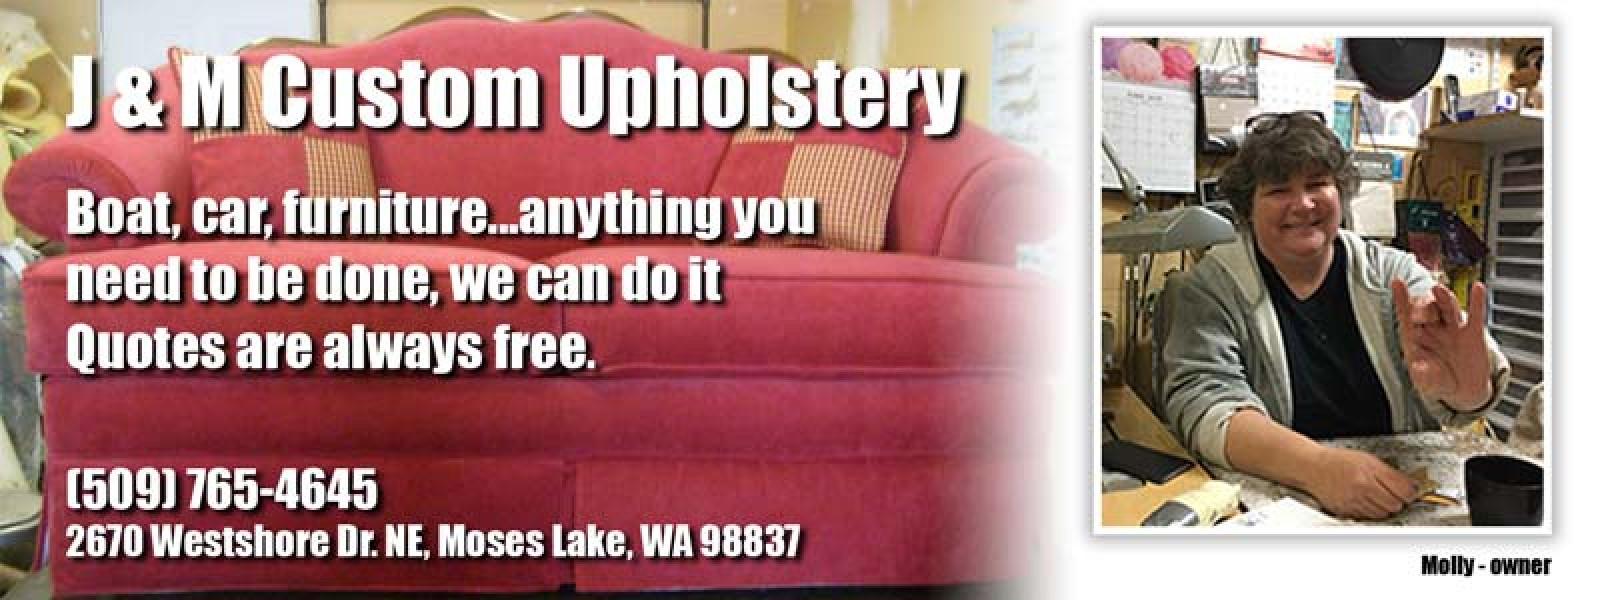 J & M Custom Upholstery